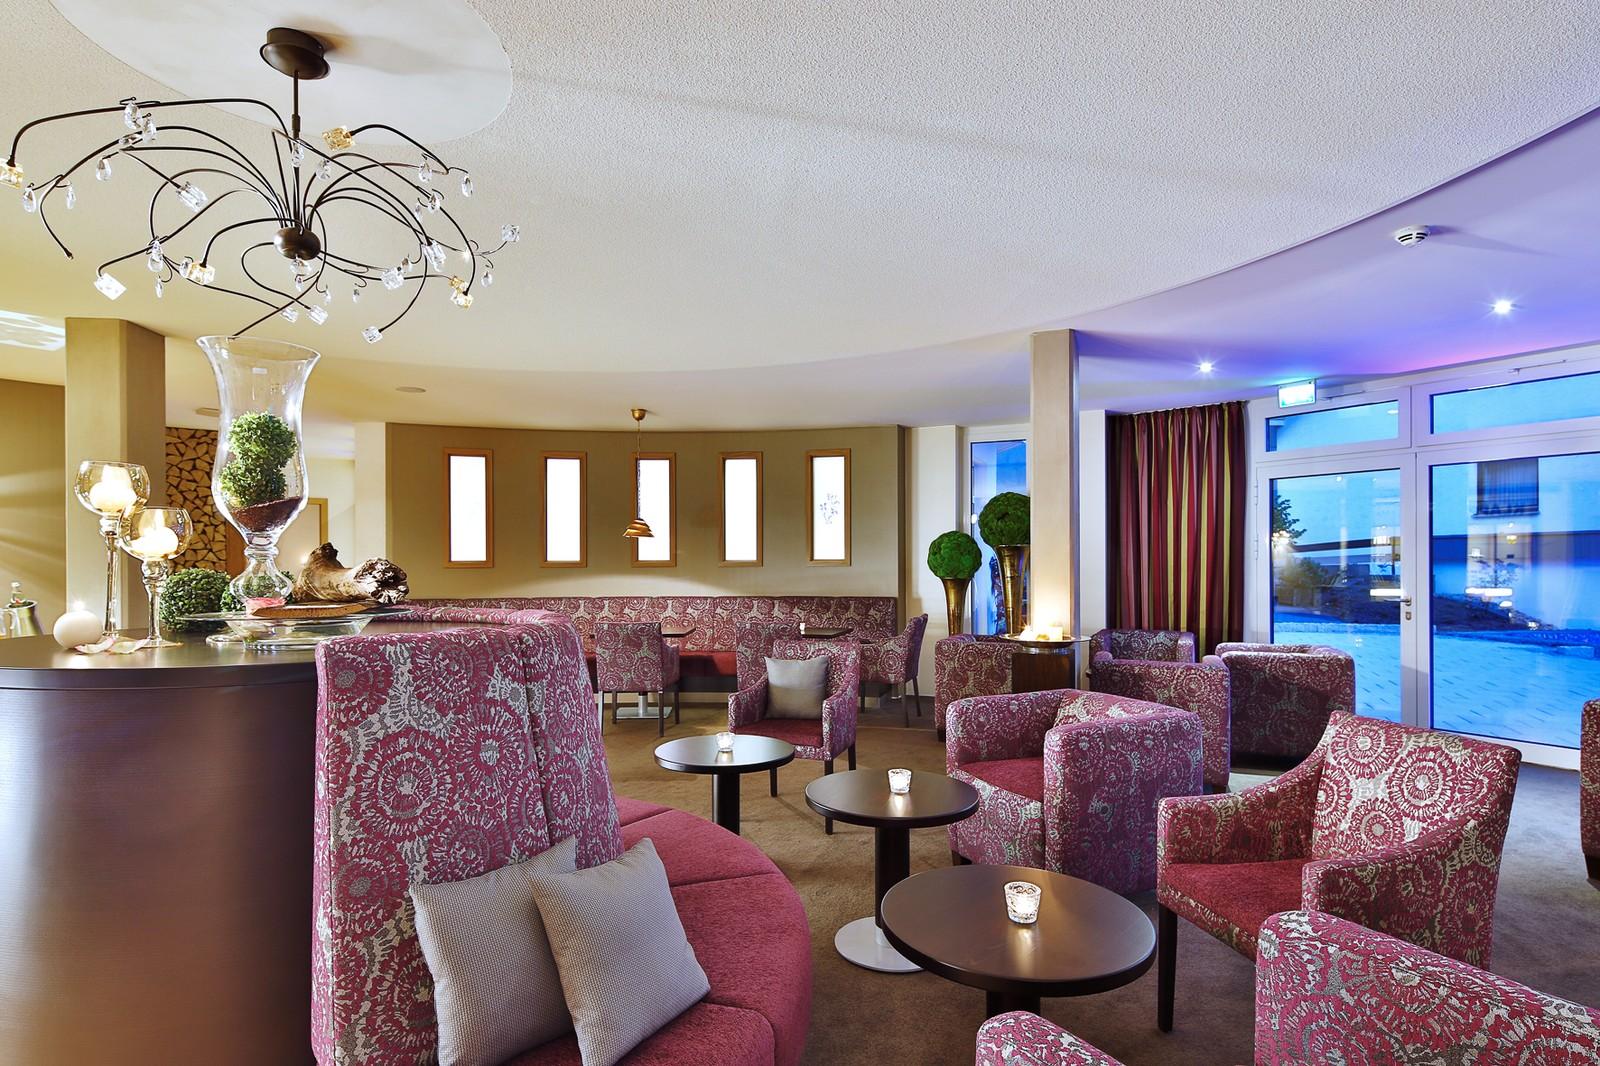 wellnesshotels in hamm nordrhein westfalen wellnessurlaub wellness wochenende. Black Bedroom Furniture Sets. Home Design Ideas